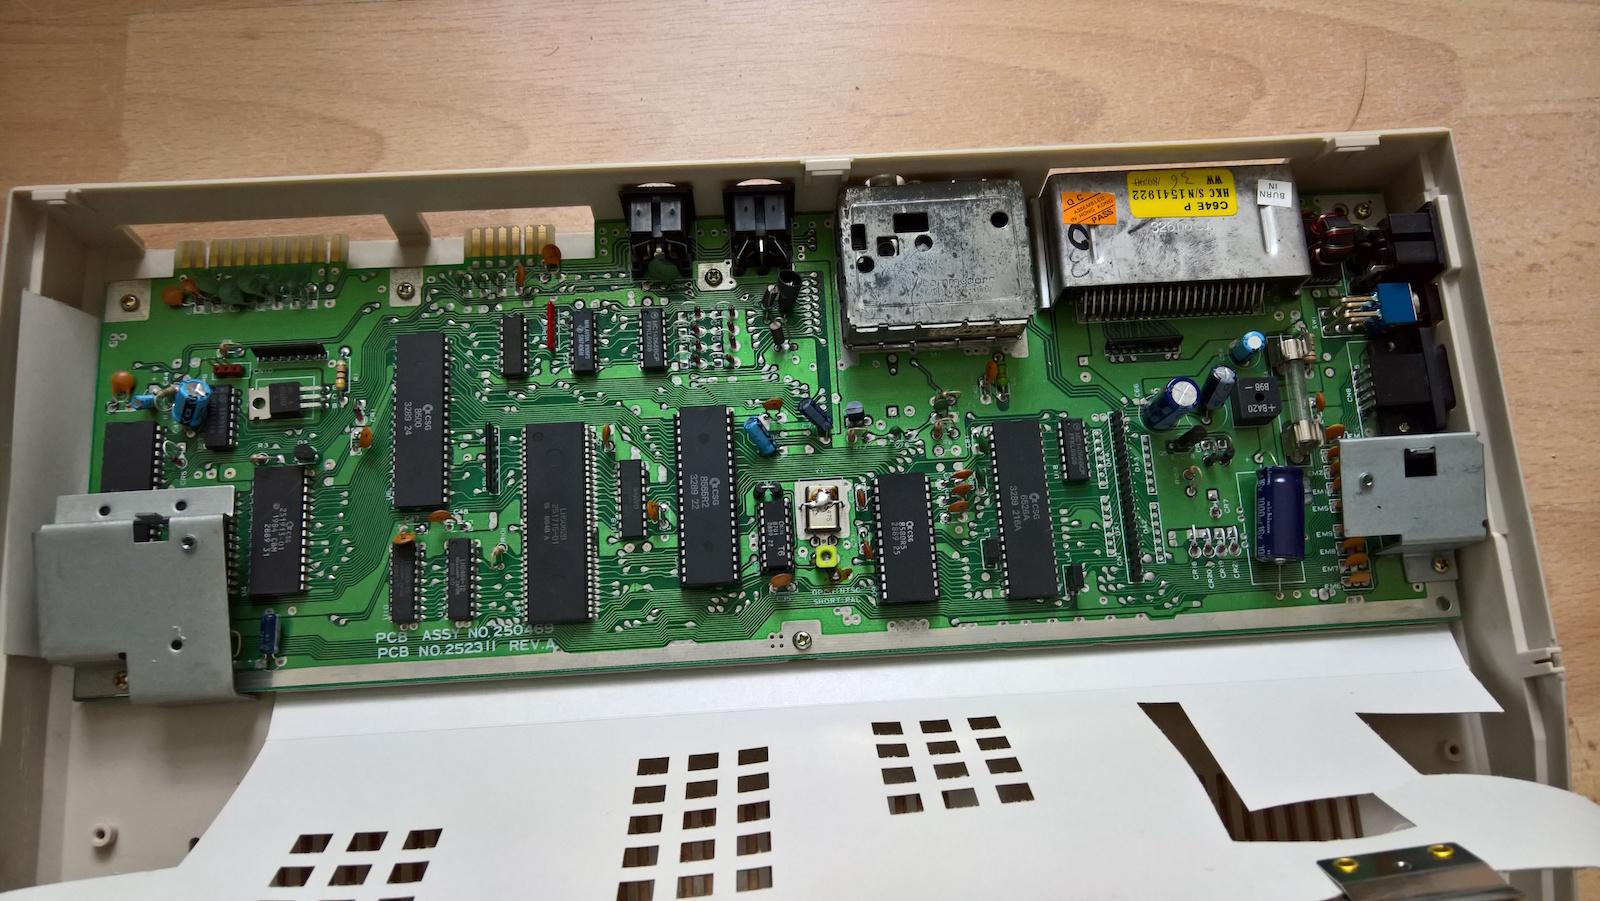 Das Mainboard mit defektem Farb-RAM. (Bild: Stefan Vogt)